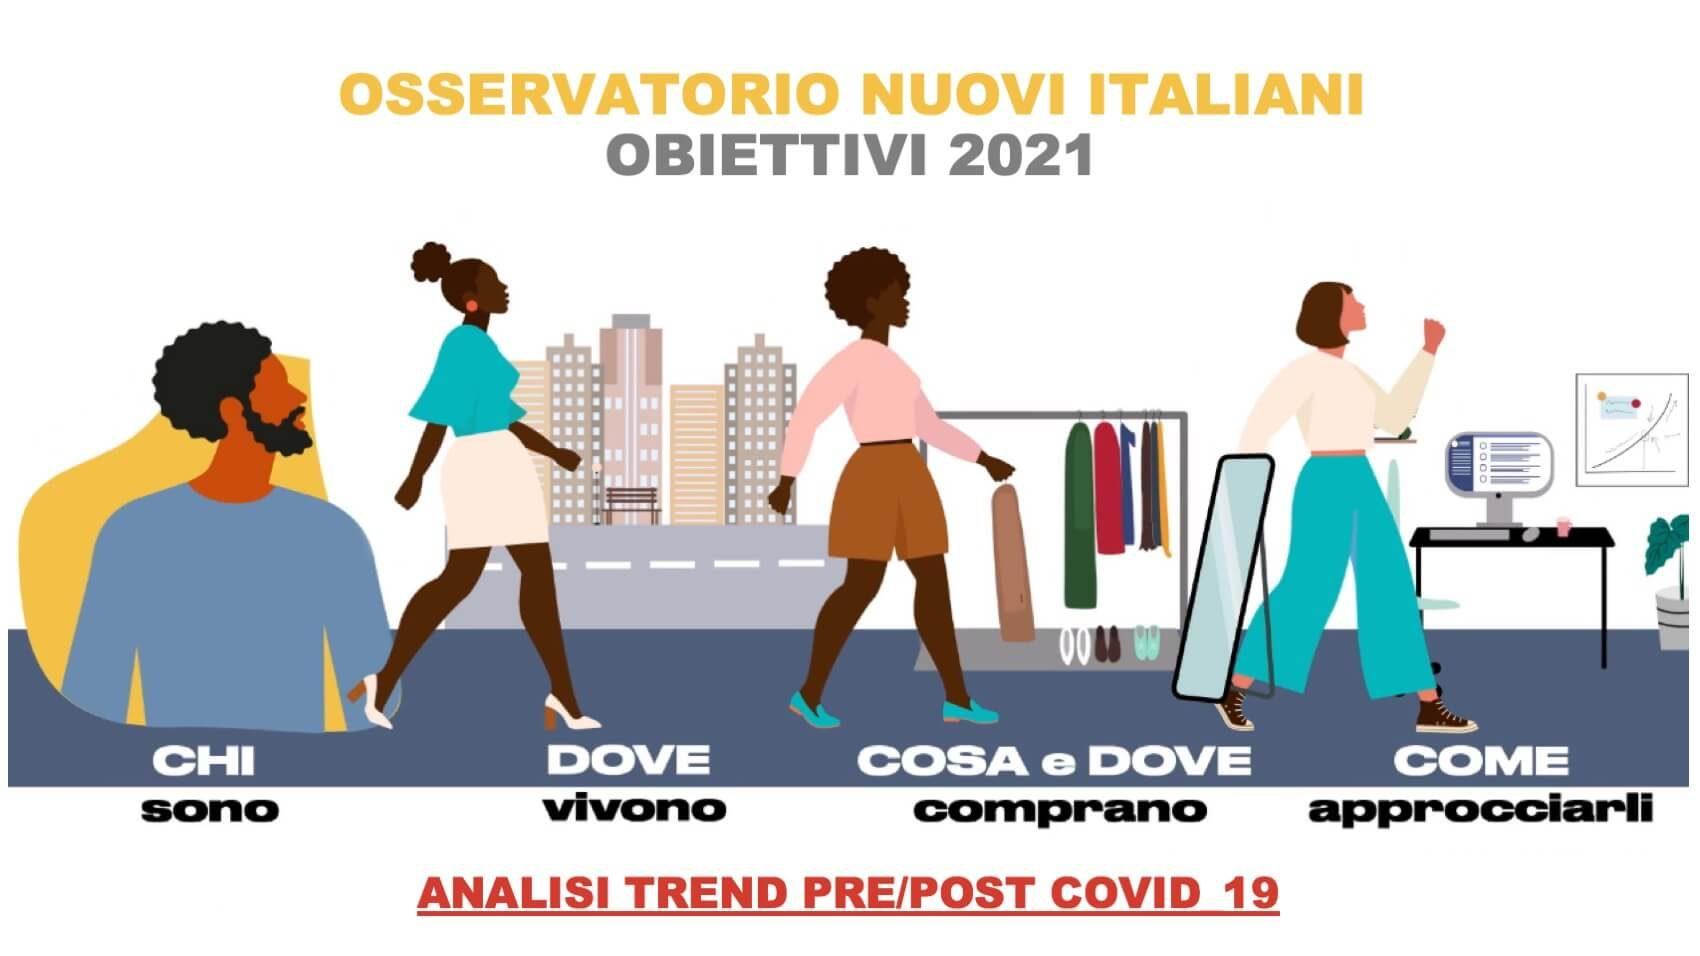 Osservatorio Nuovi Italiani 2021 12